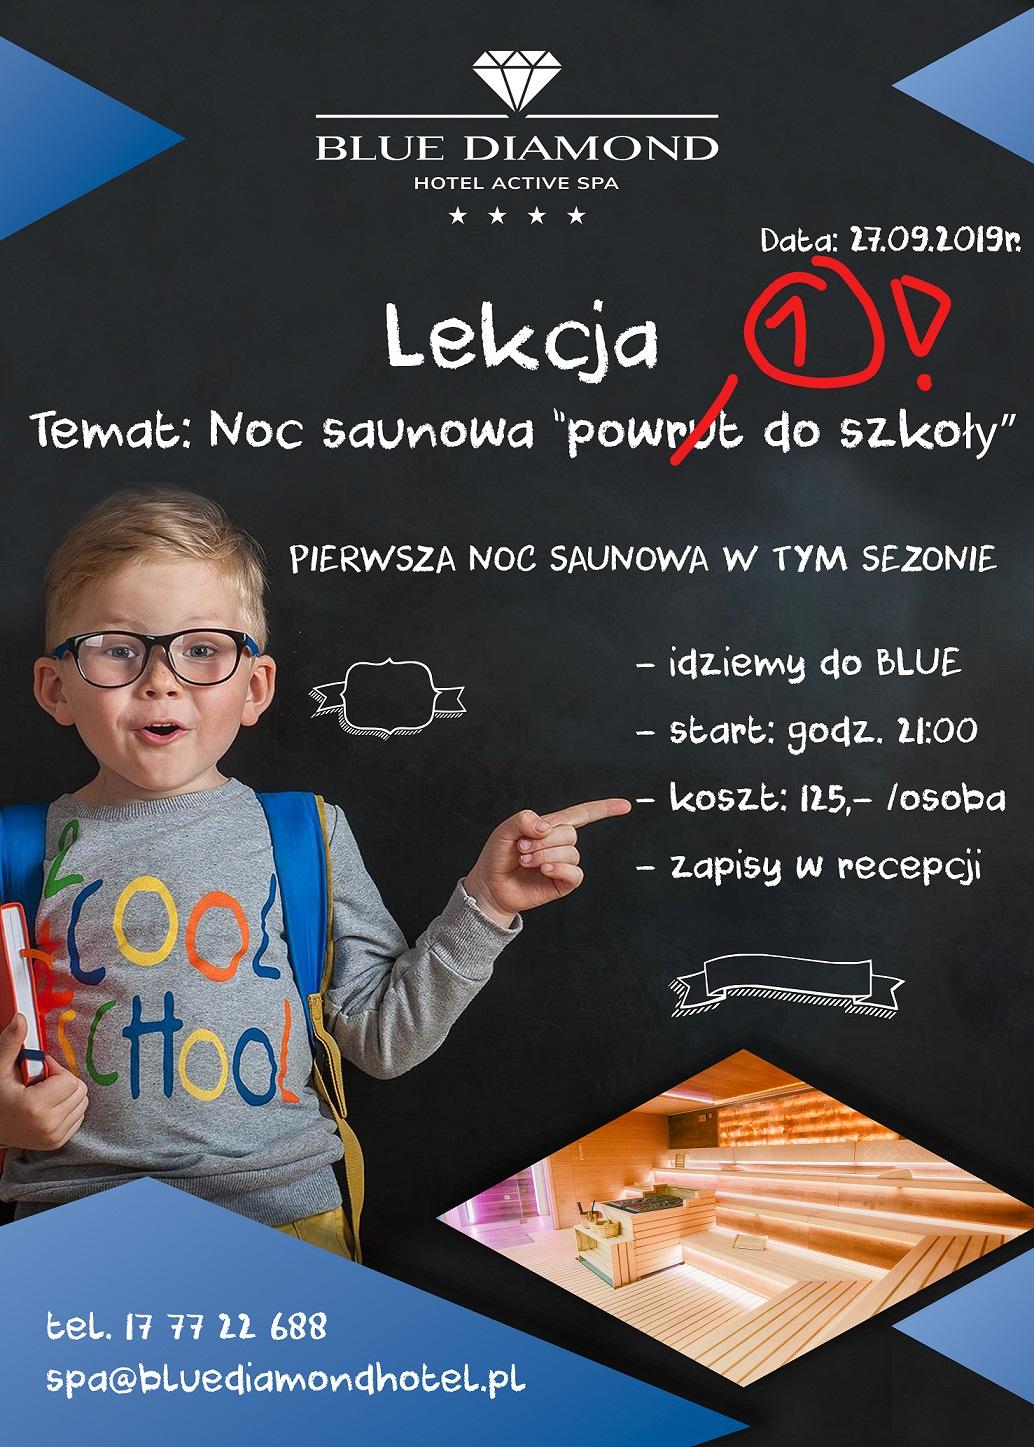 Strefasaun.pl - Wydarzenie Noc Saunowa  - Trzebownisko